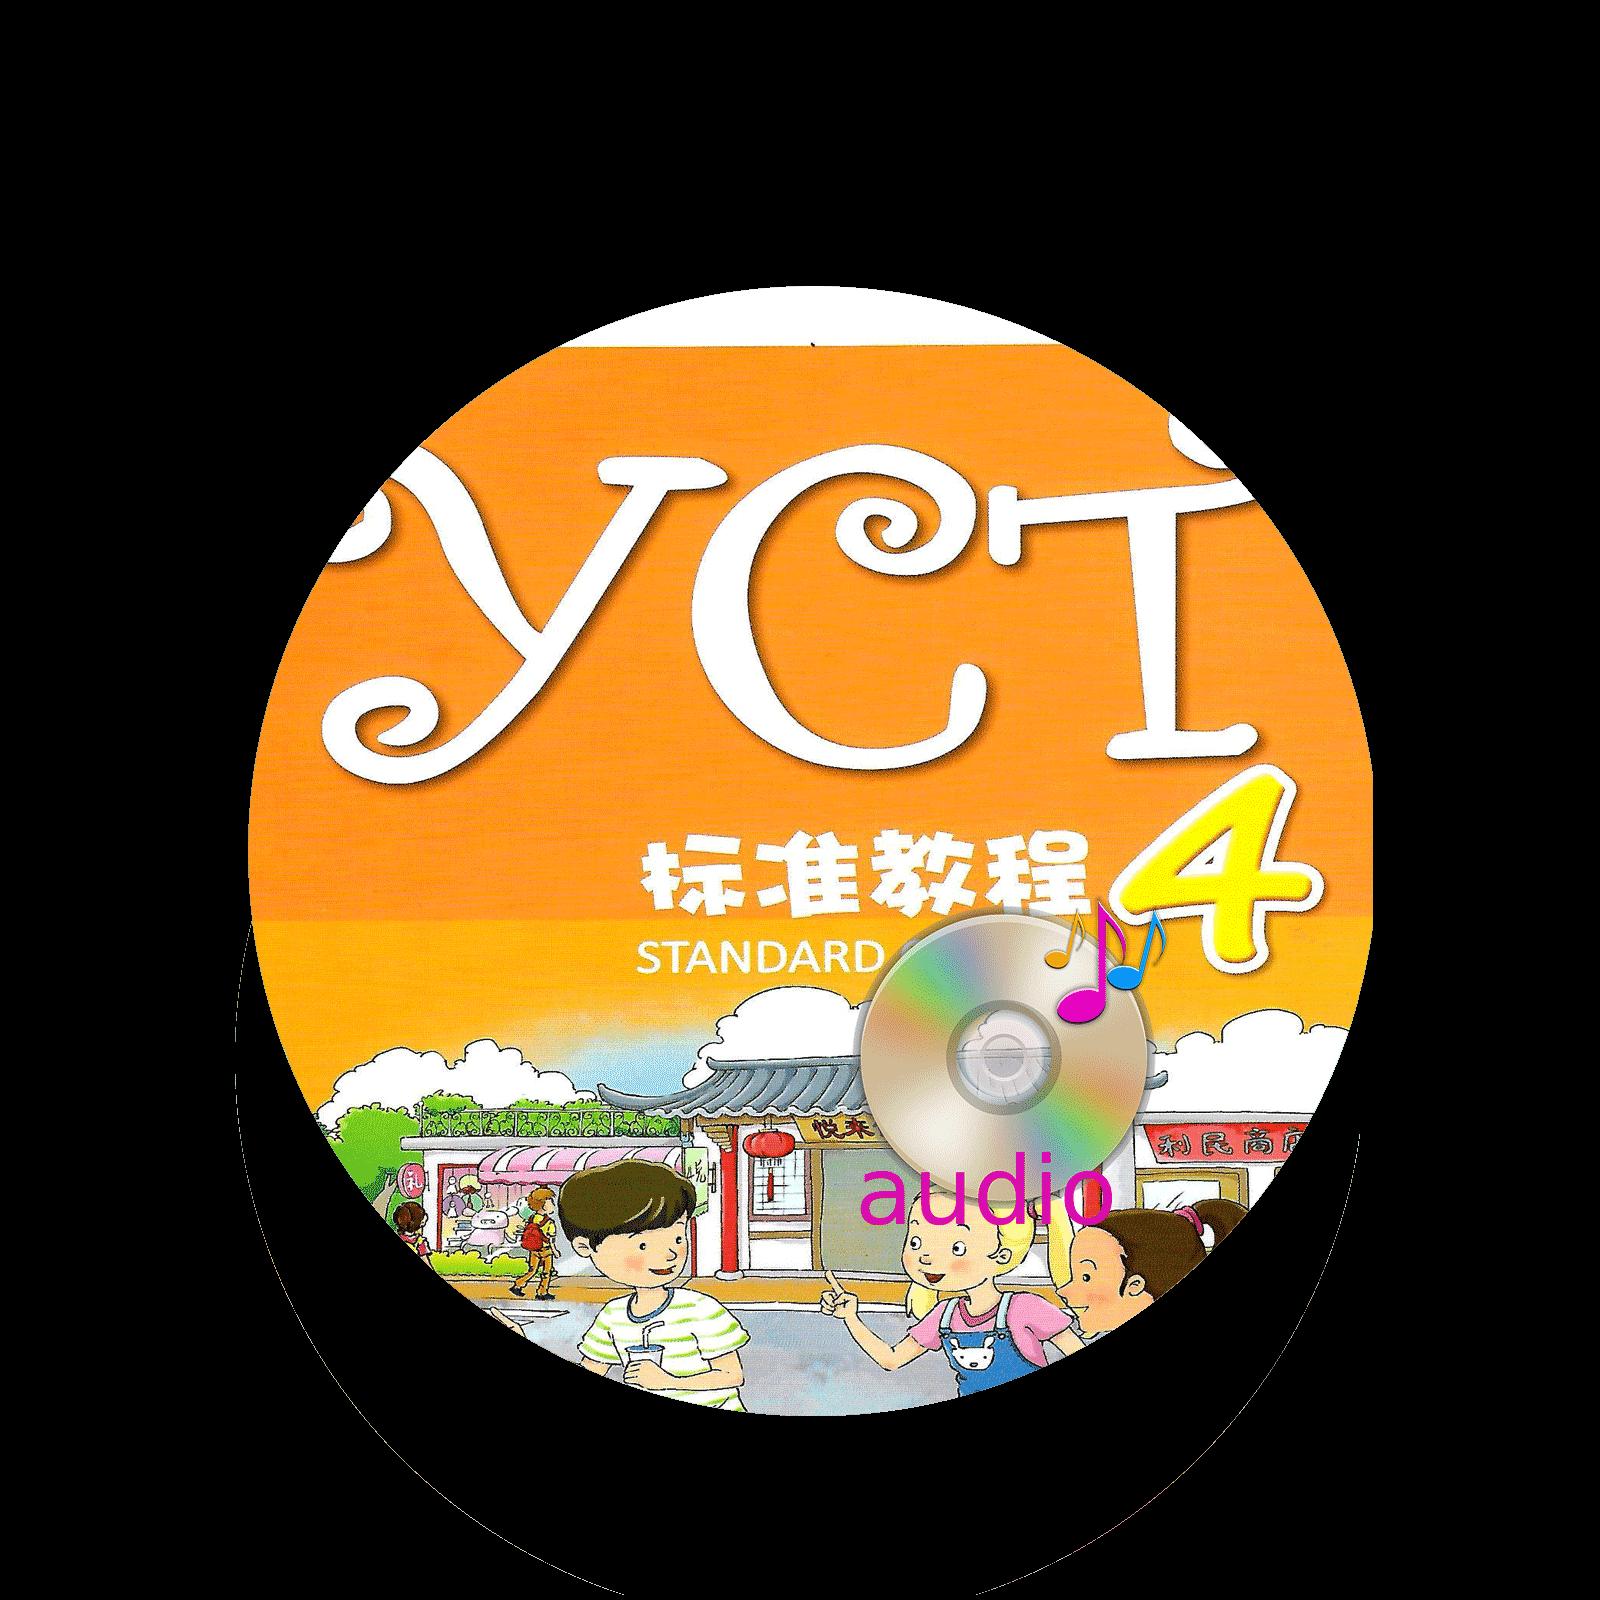 Yct4 Biaozhun Jiaocheng Audio